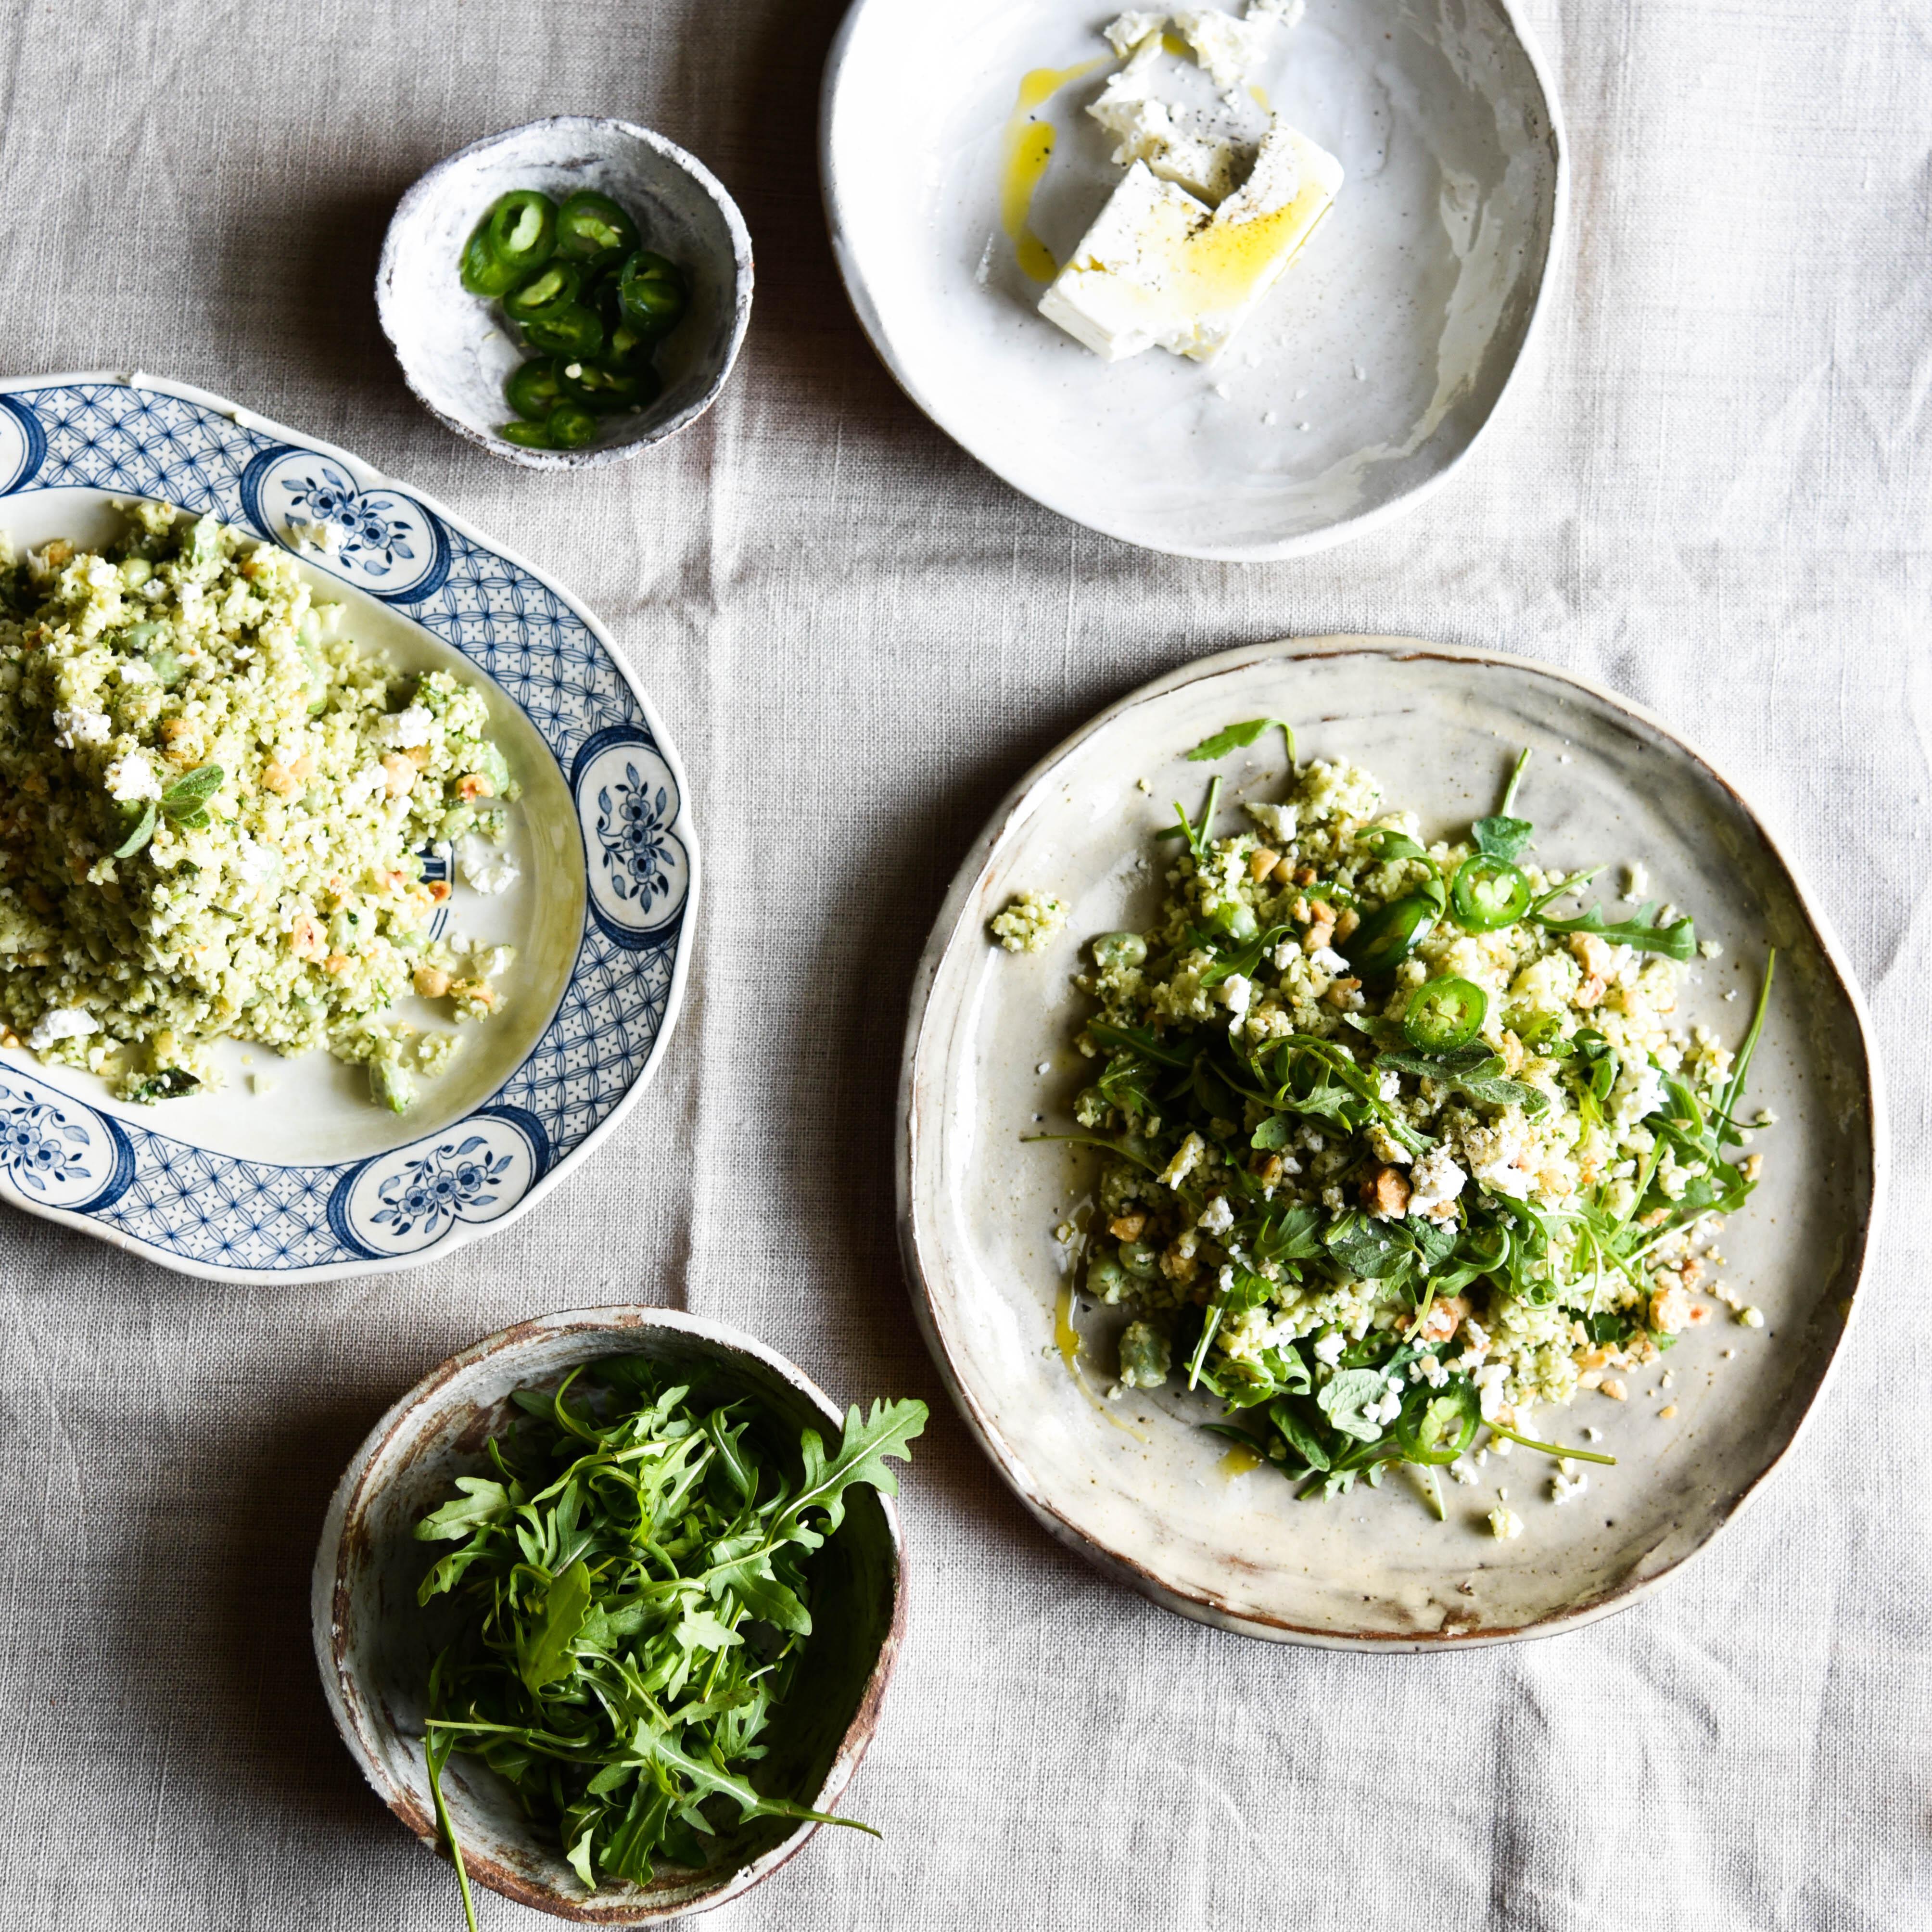 Anna Barnett Cauliflower rice recipe